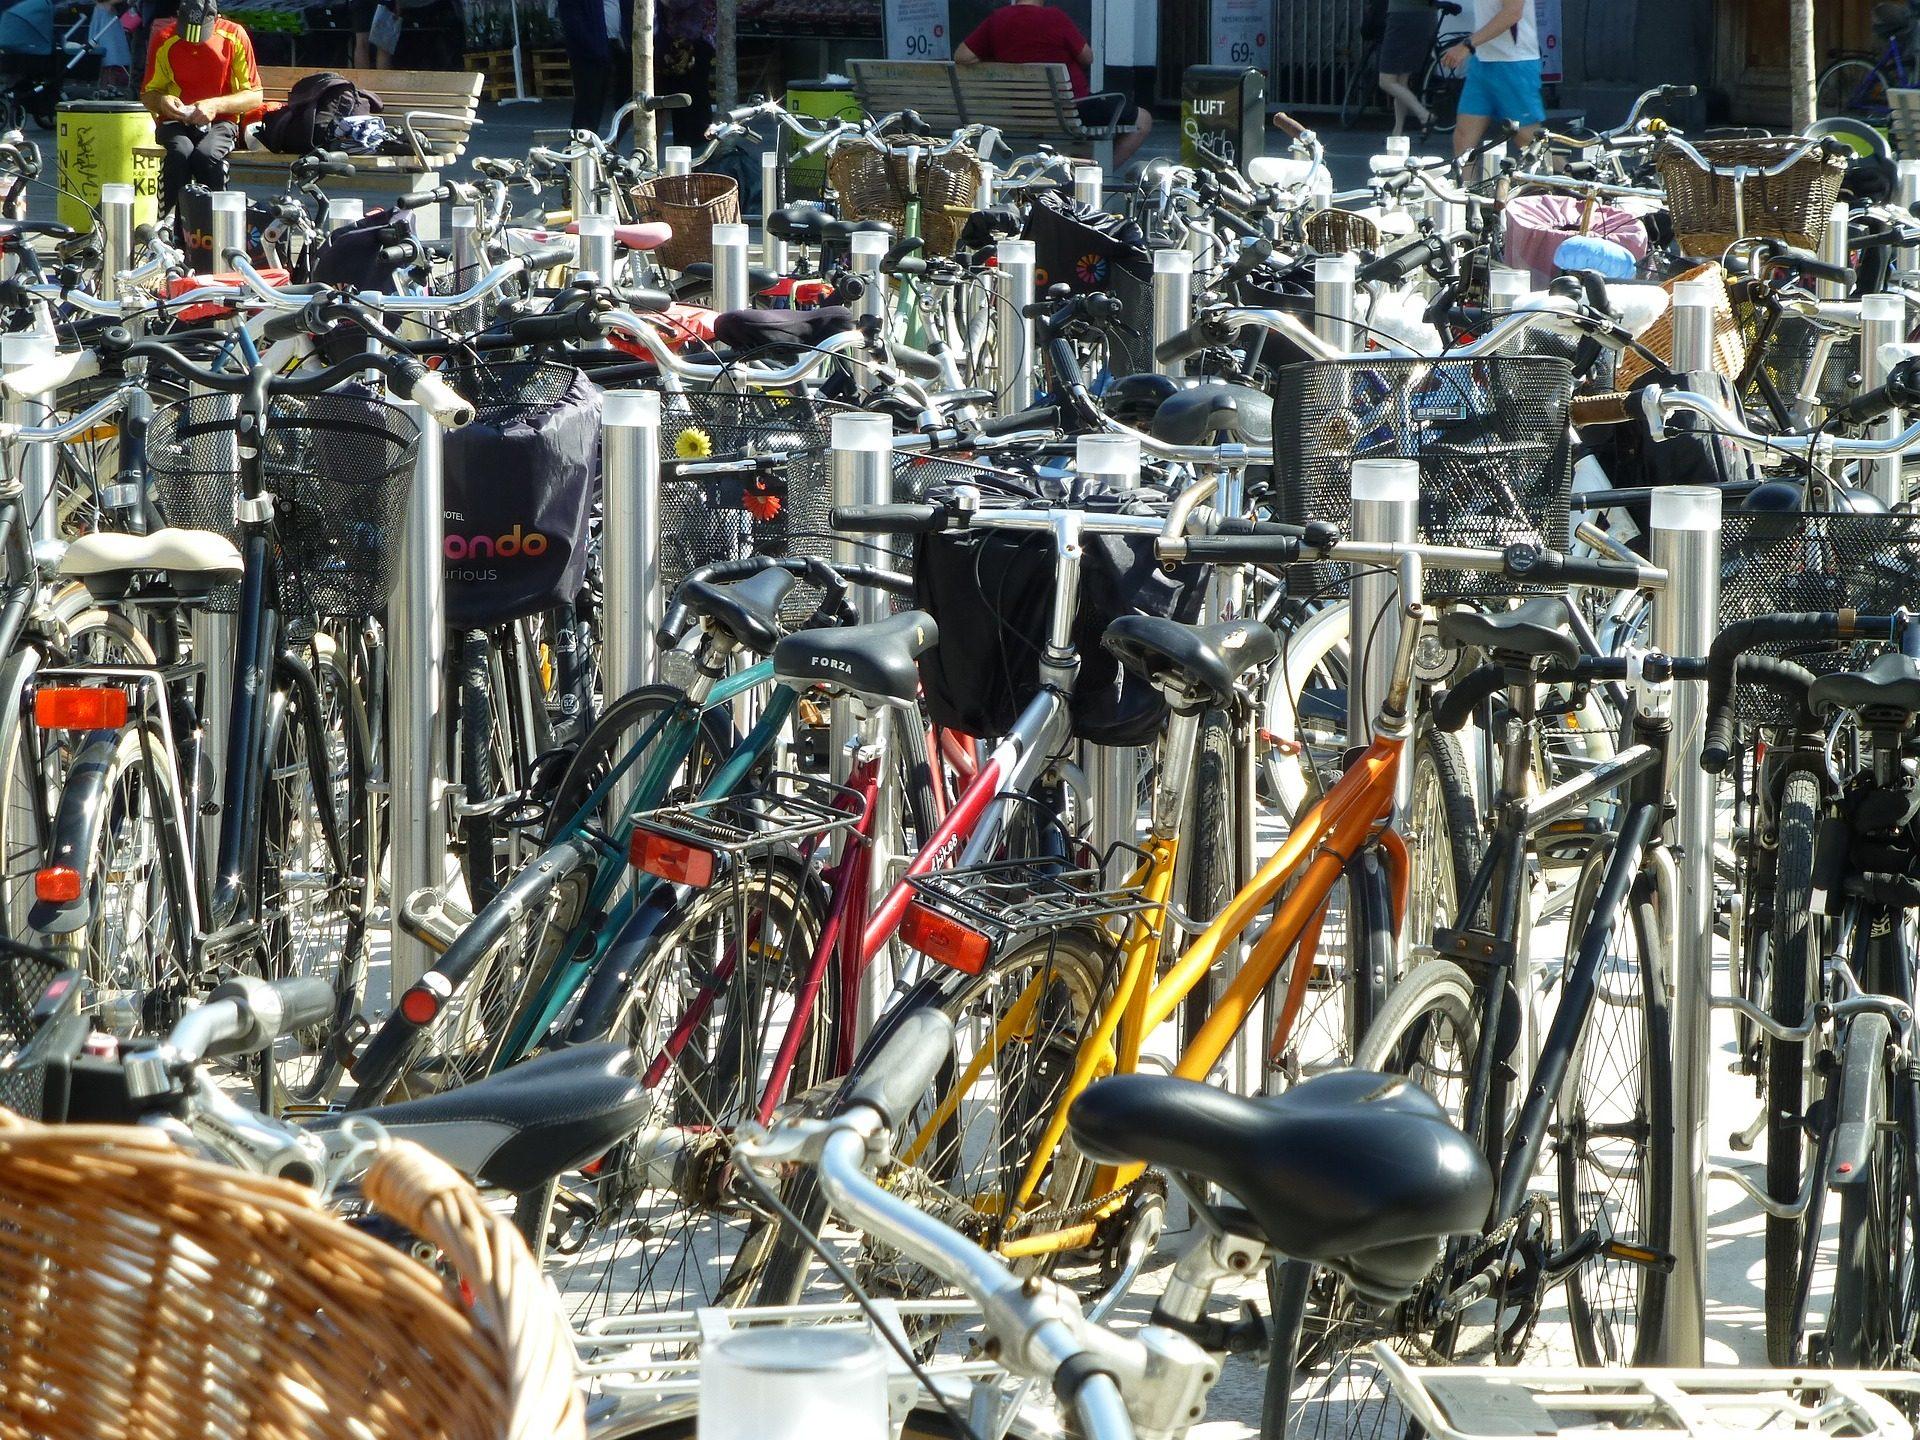 साइकिल, पार्किंग, मात्रा, ढेर, धातु - HD वॉलपेपर - प्रोफेसर-falken.com